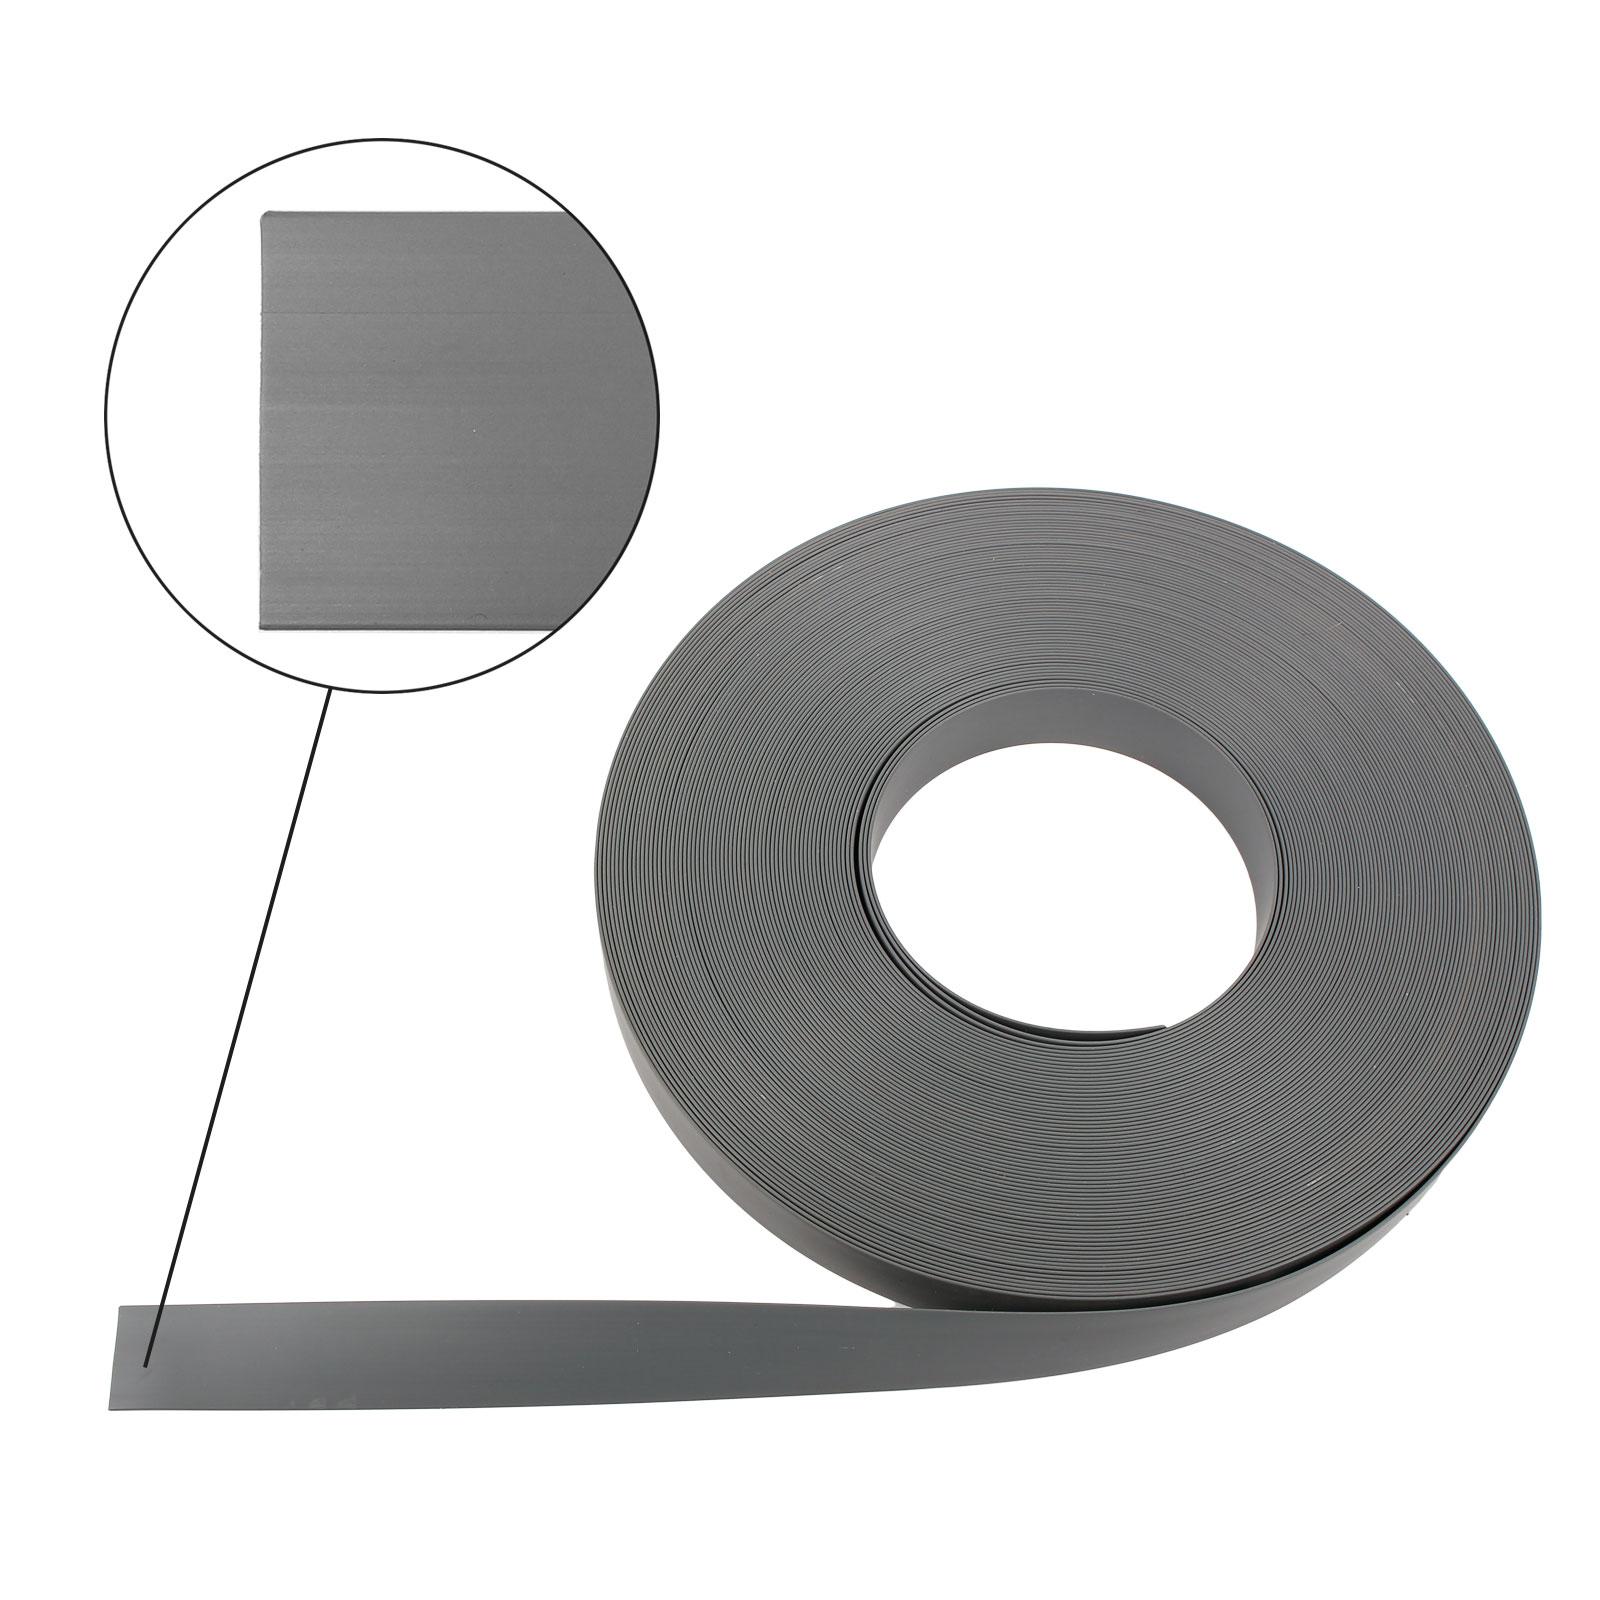 10 Meter Abdeckband 23mm, grau, Kunststoff, Fensterband